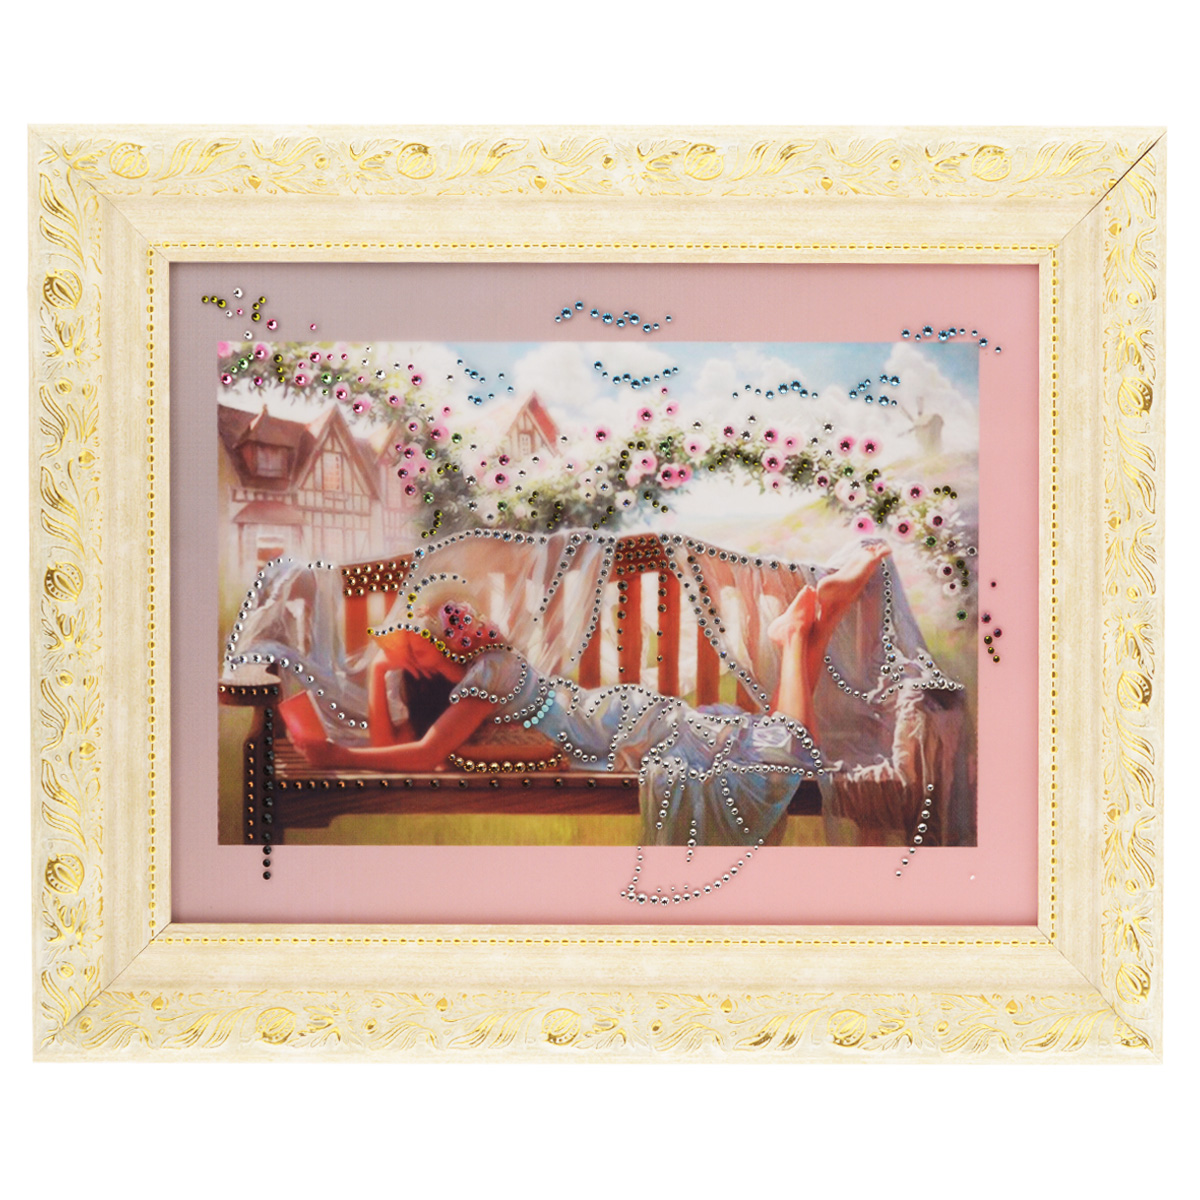 Картина с кристаллами Swarovski В саду, 50 см х 40 смa030041Изящная картина в багетной раме, инкрустирована кристаллами Swarovski, которые отличаются четкой и ровной огранкой, ярким блеском и чистотой цвета. Красочное изображение девушки читающей книжку в саду, расположенное под стеклом, прекрасно дополняет блеск кристаллов. С обратной стороны имеется металлическая проволока для размещения картины на стене. Картина с кристаллами Swarovski В саду элегантно украсит интерьер дома или офиса, а также станет прекрасным подарком, который обязательно понравится получателю. Блеск кристаллов в интерьере, что может быть сказочнее и удивительнее. Картина упакована в подарочную картонную коробку синего цвета и комплектуется сертификатом соответствия Swarovski.